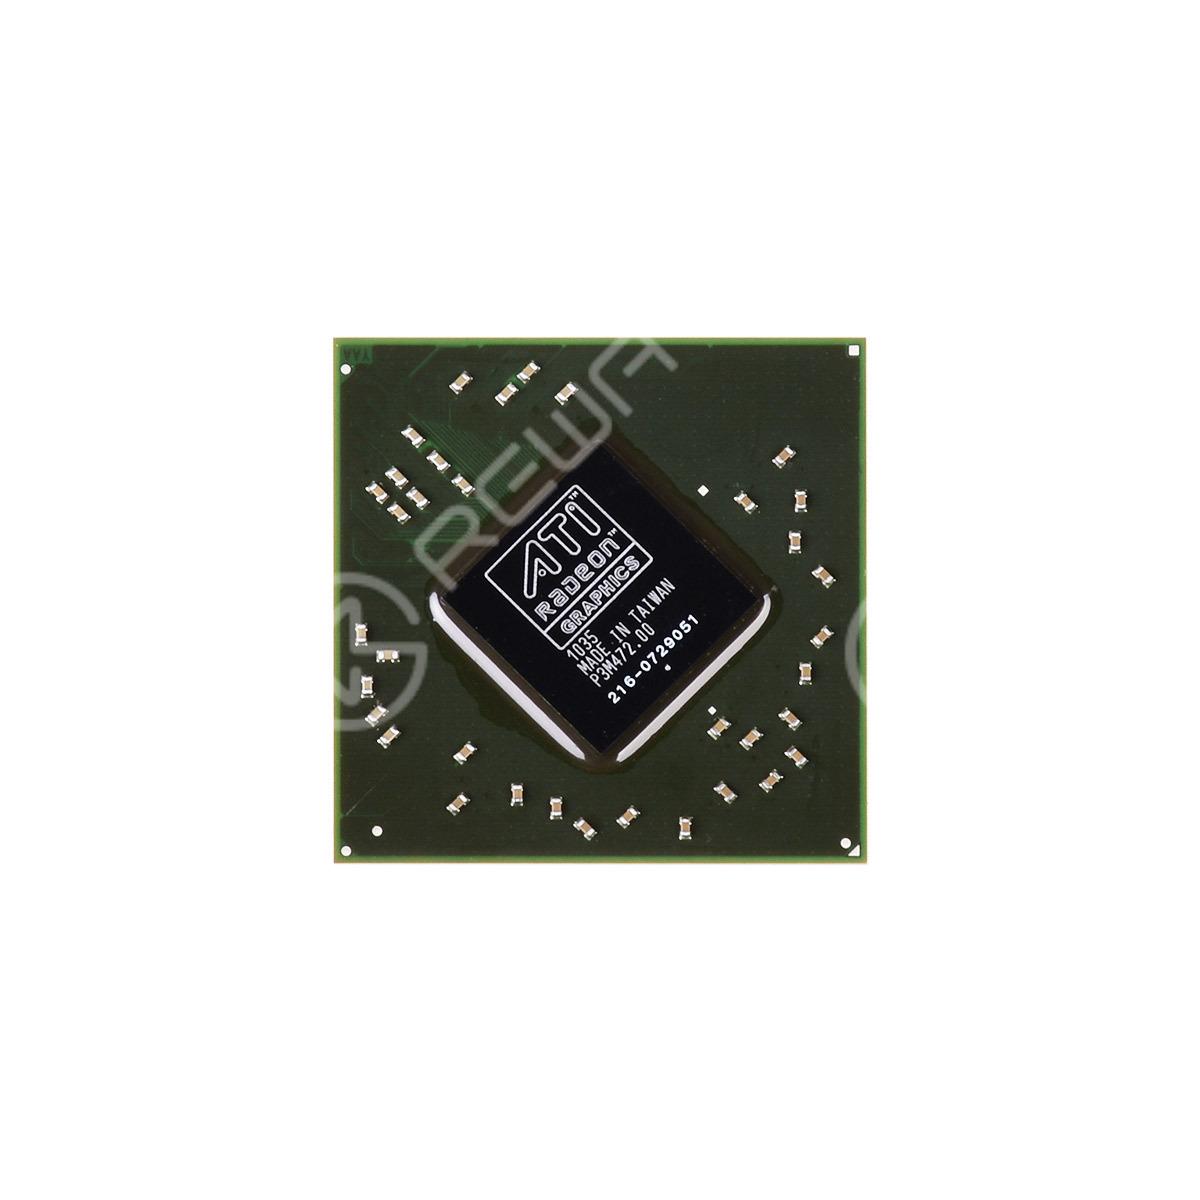 AMD GPU Graphic Chipset 216-0729051